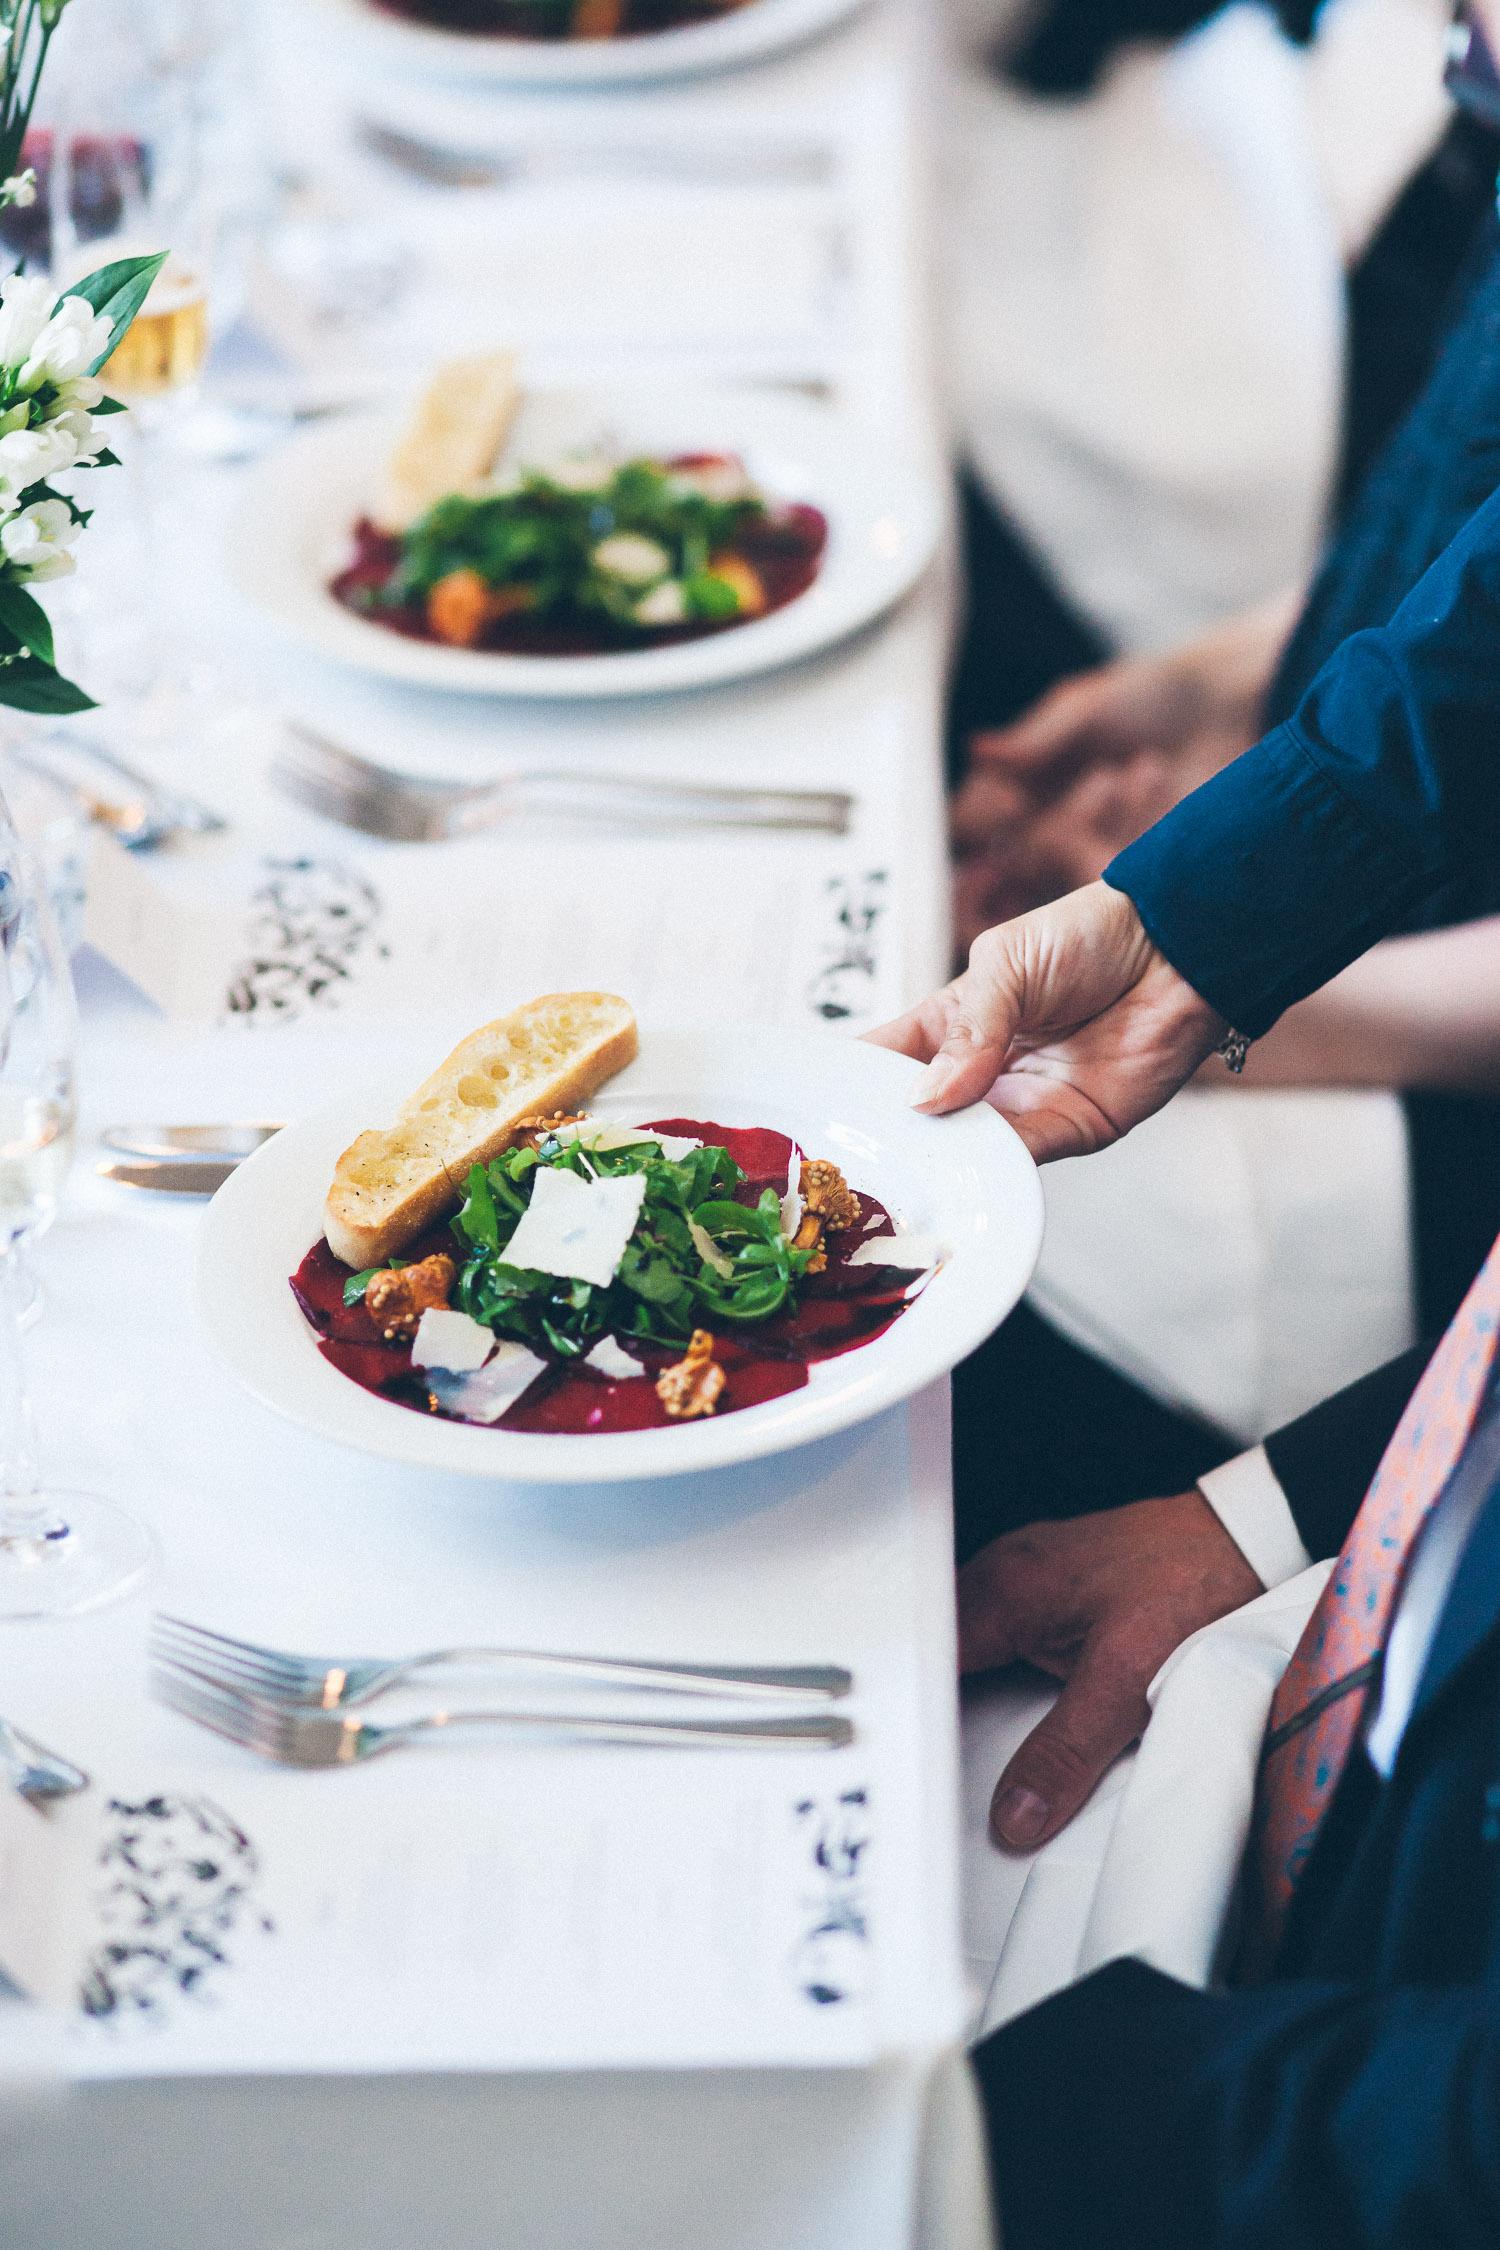 Ruokakuvat herättävät aistit. Asiakas: yksityishenkilö.